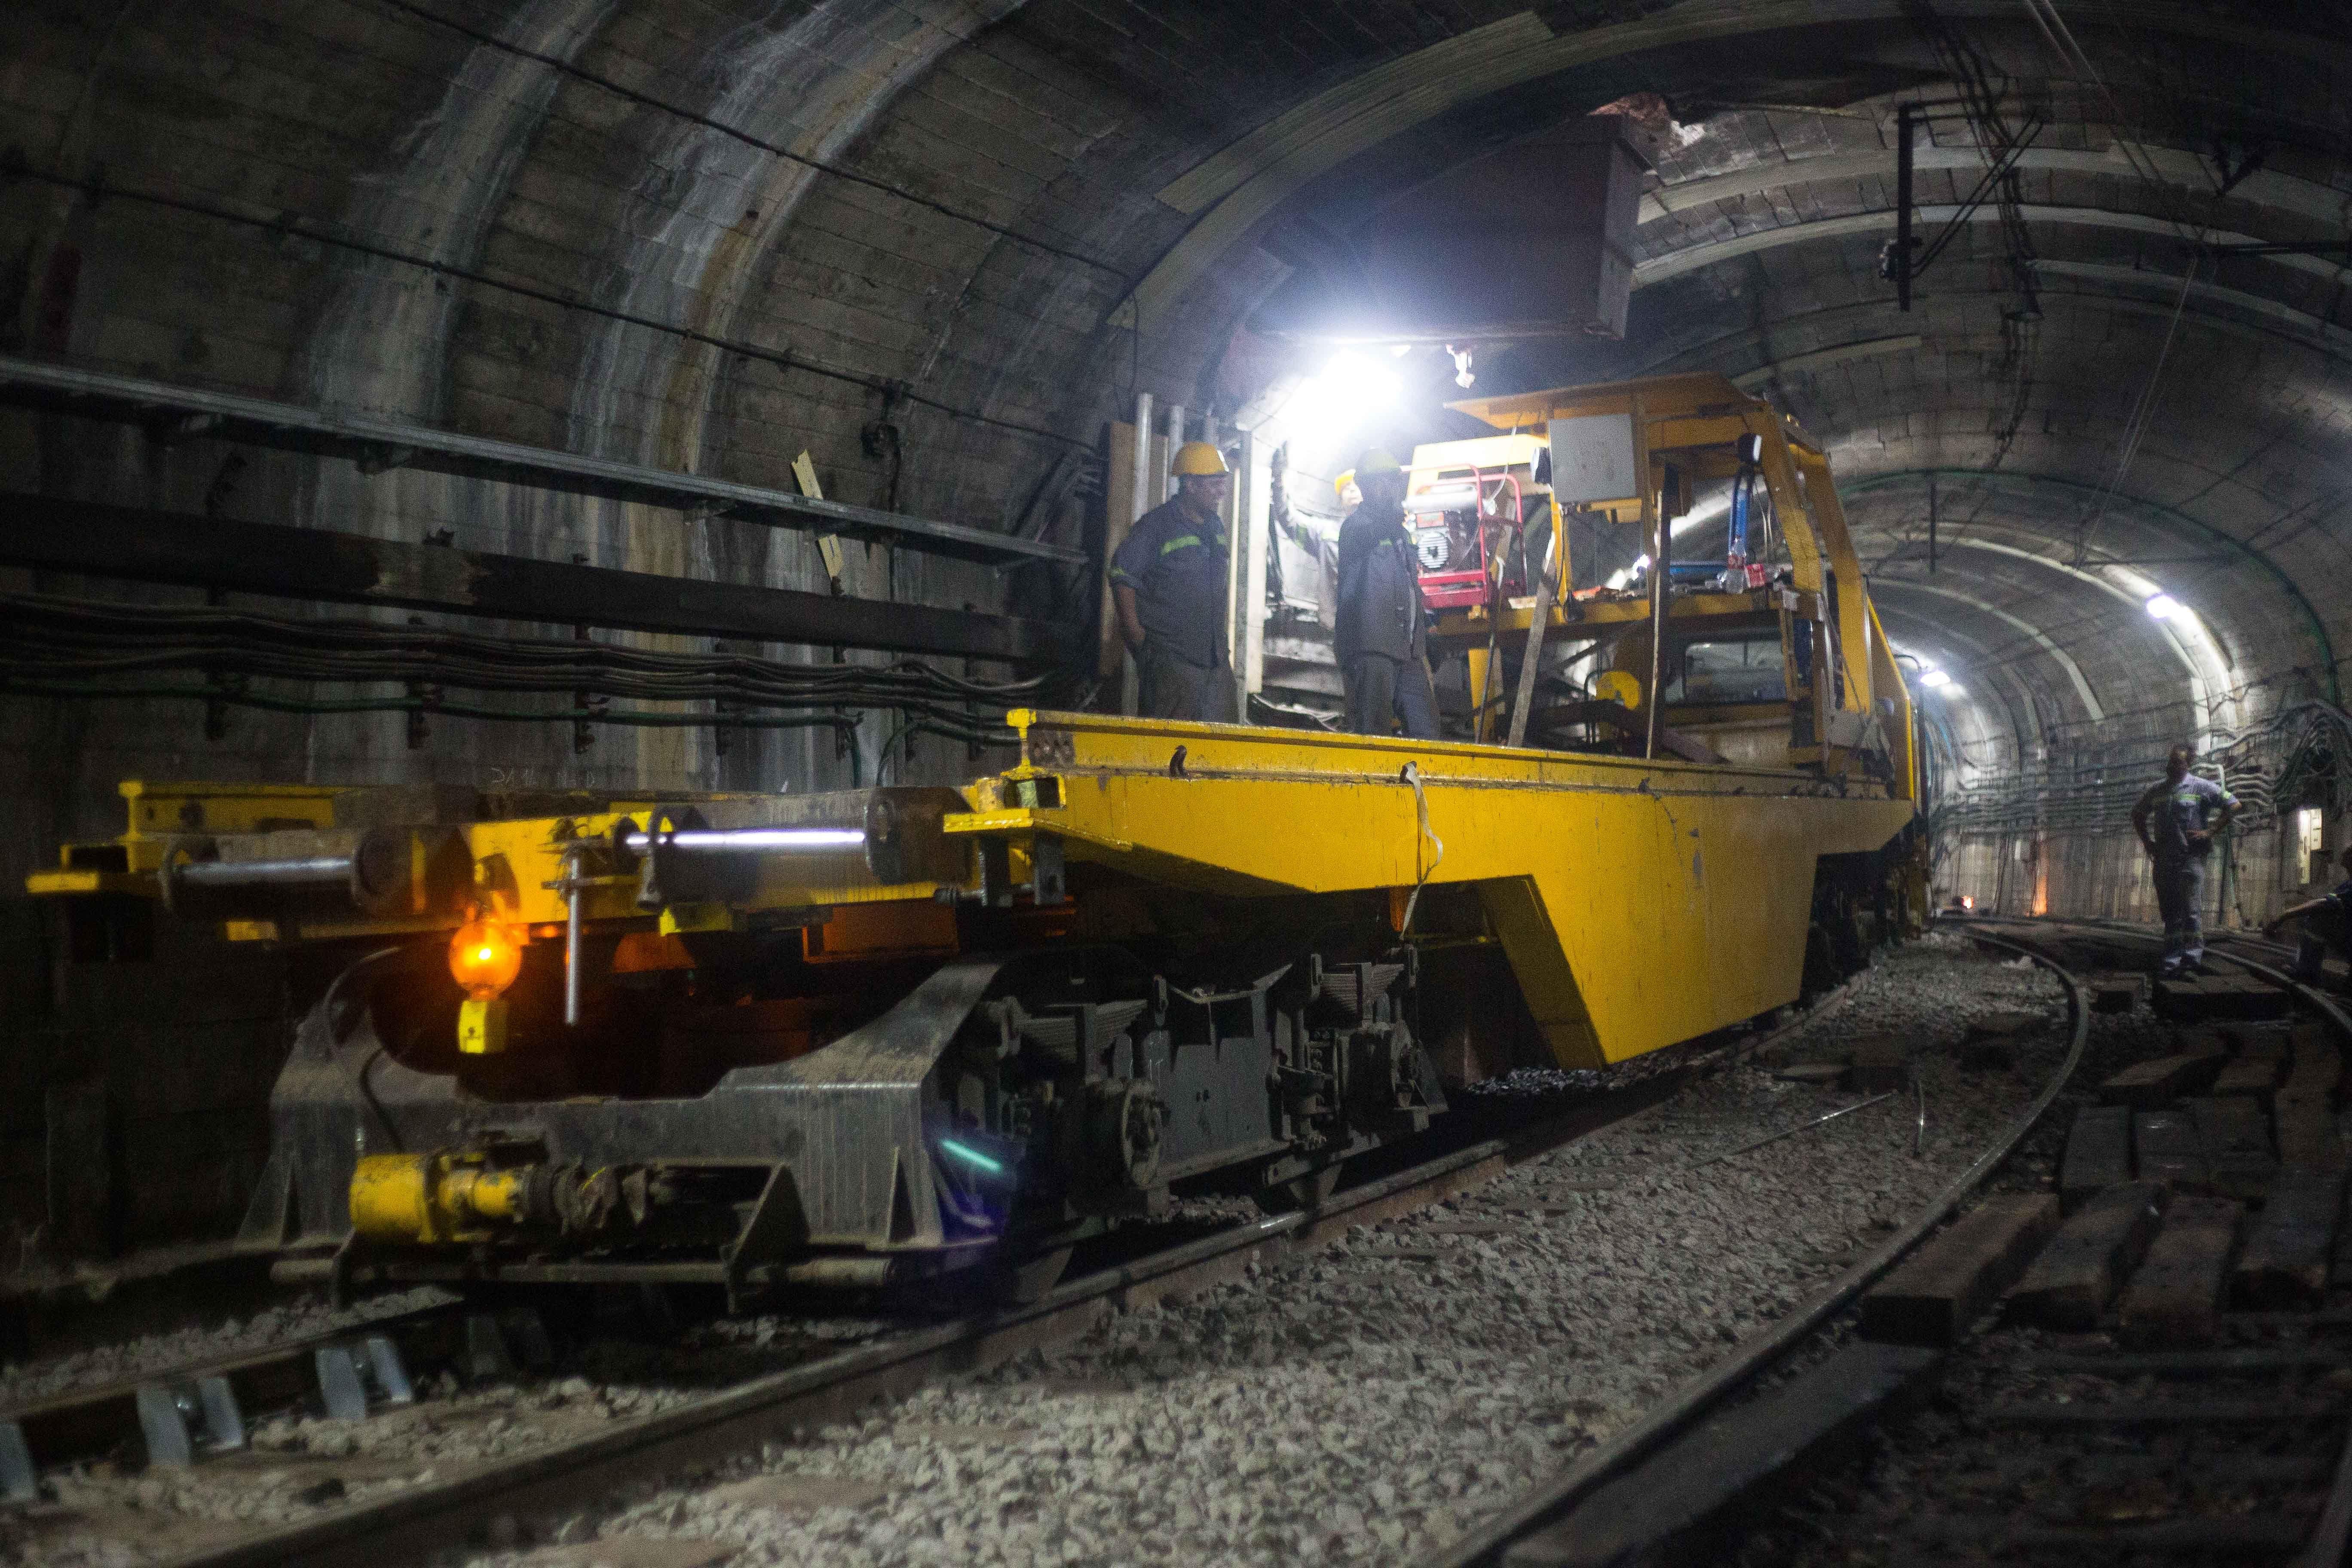 La estación de Constitución de la Línea C reabrirá recién el 1° de marzo